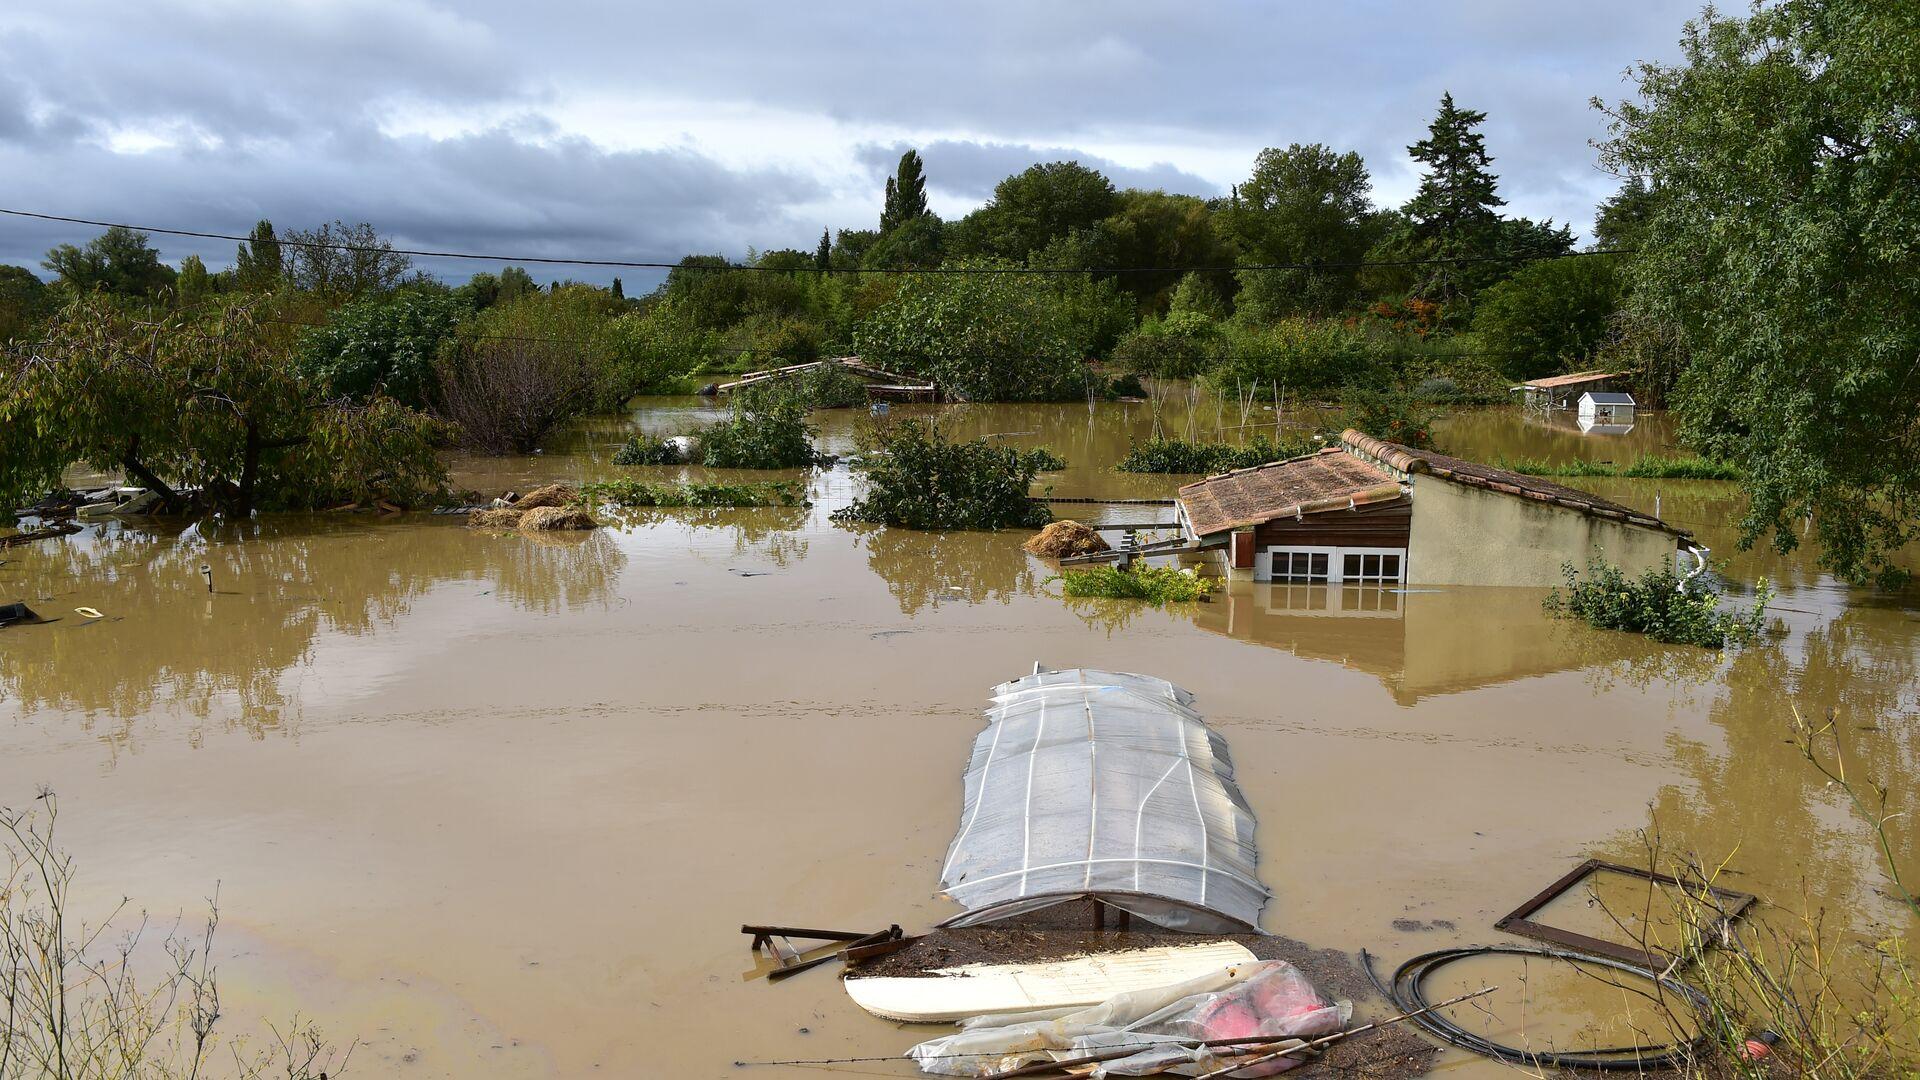 Последствия наводнения на юге Франции - РИА Новости, 1920, 17.07.2021